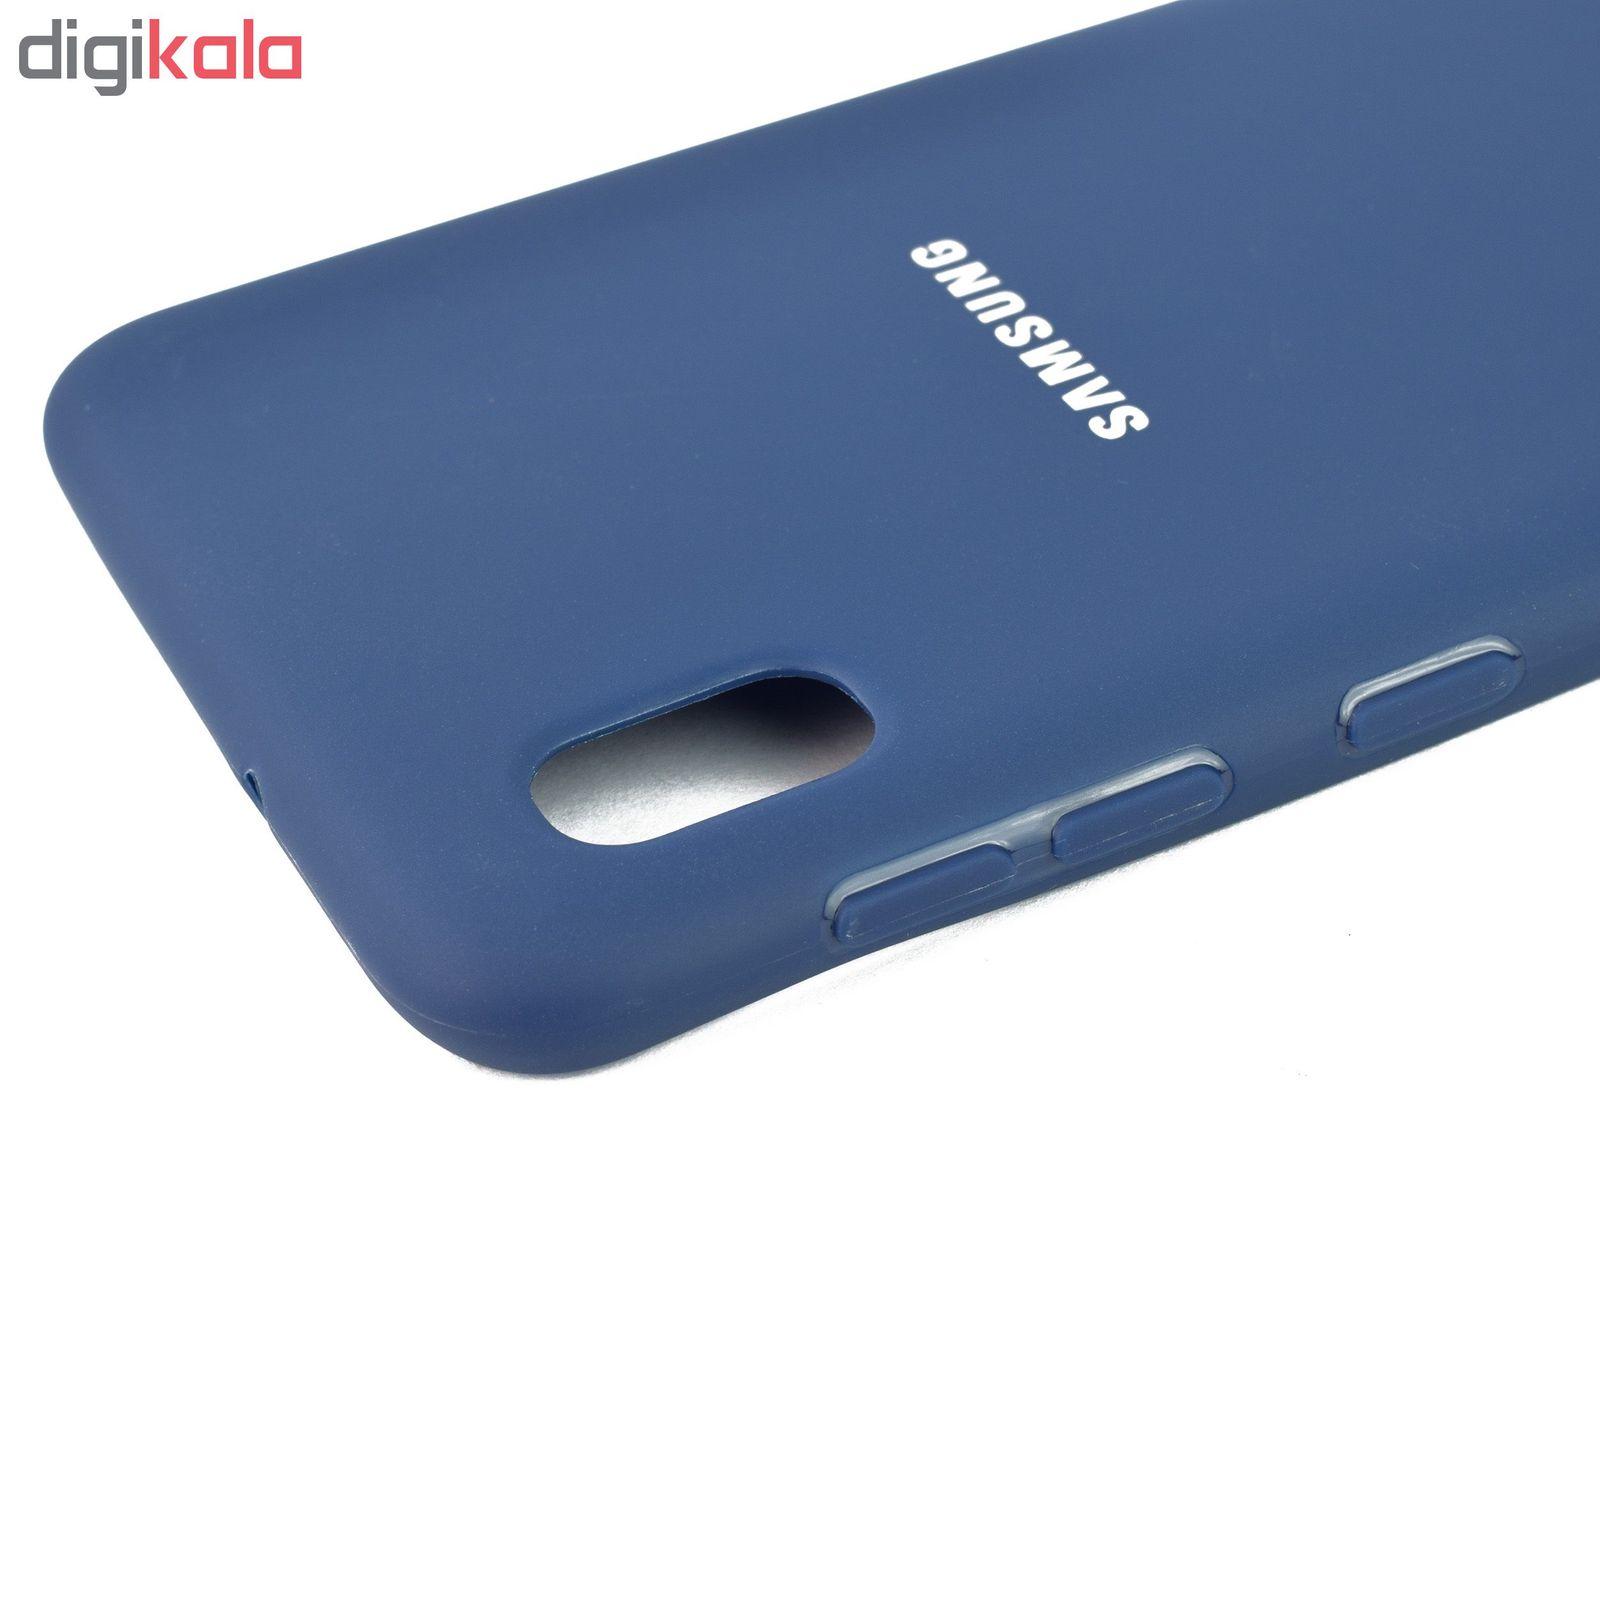 کاور مدل Sicomi مناسب برای گوشی موبایل سامسونگ Galaxy A10 main 1 5